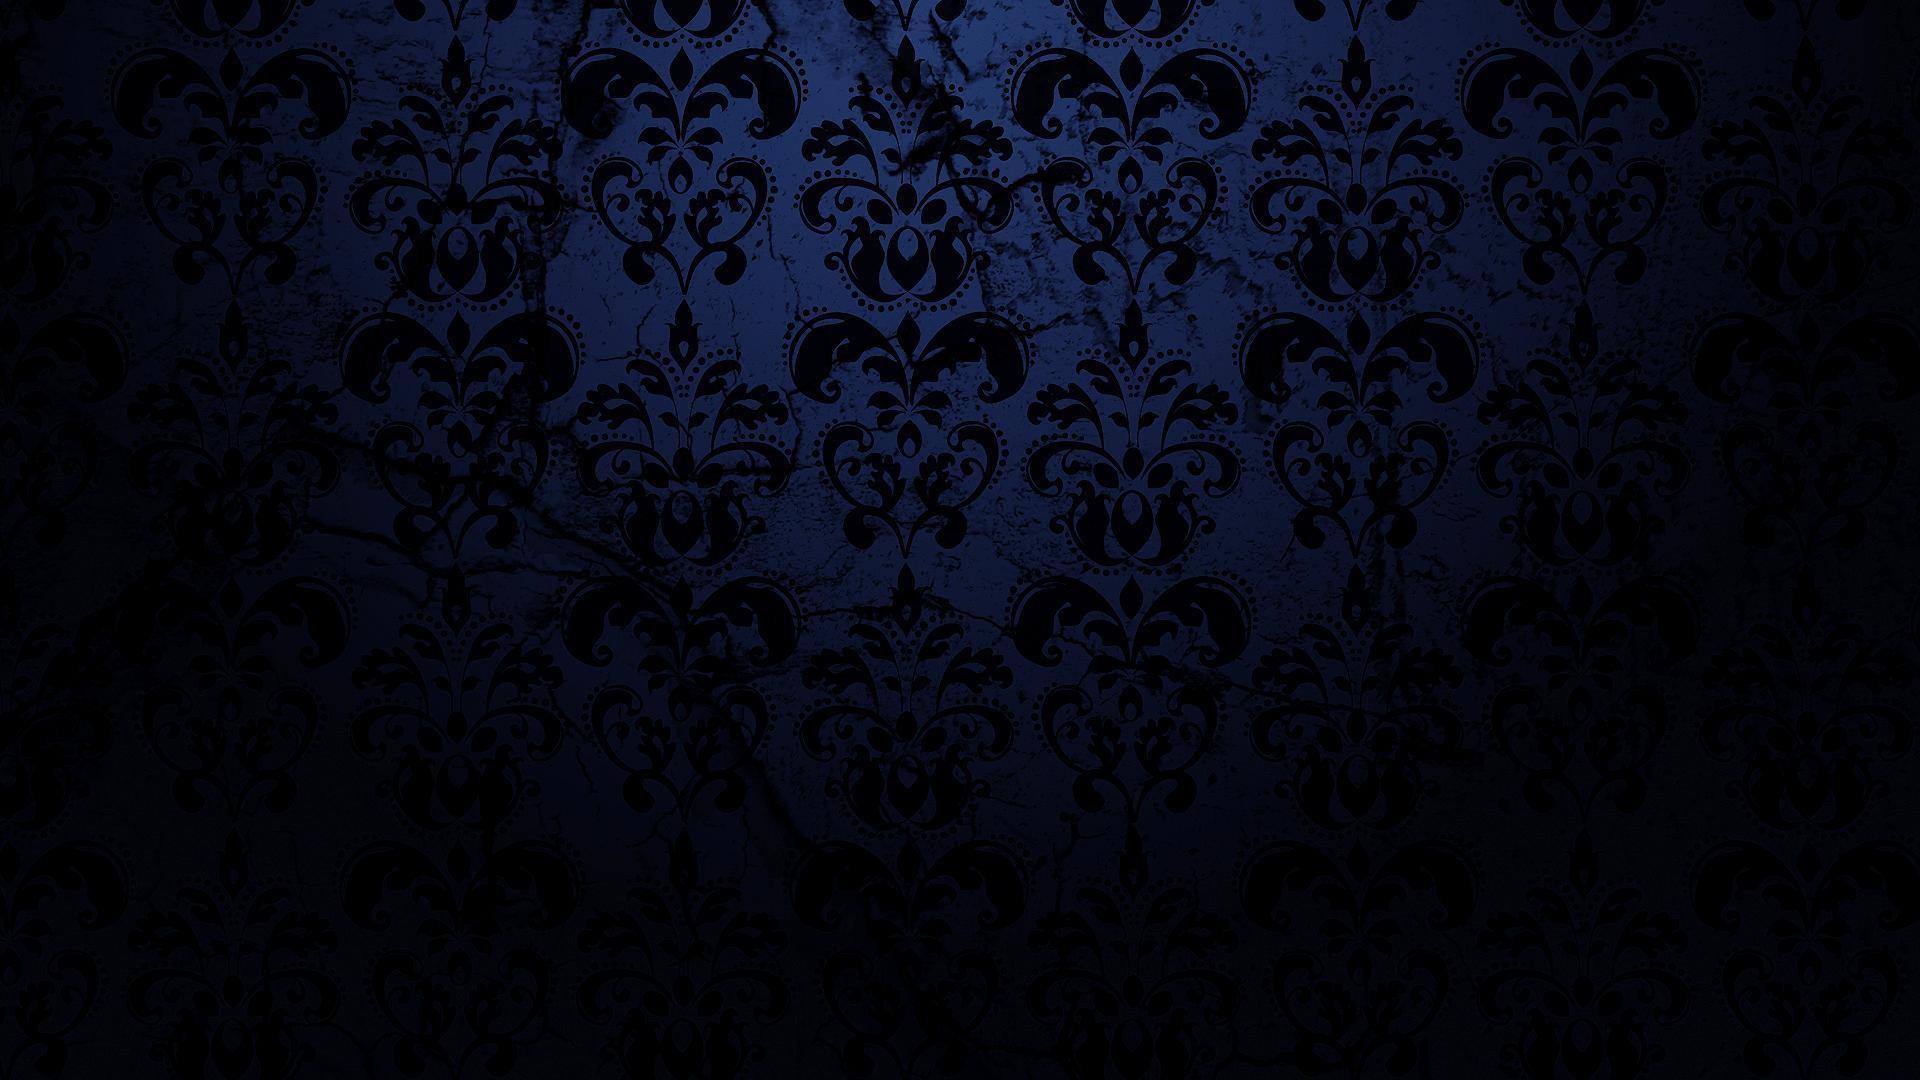 Dark blue pattern background tumblr